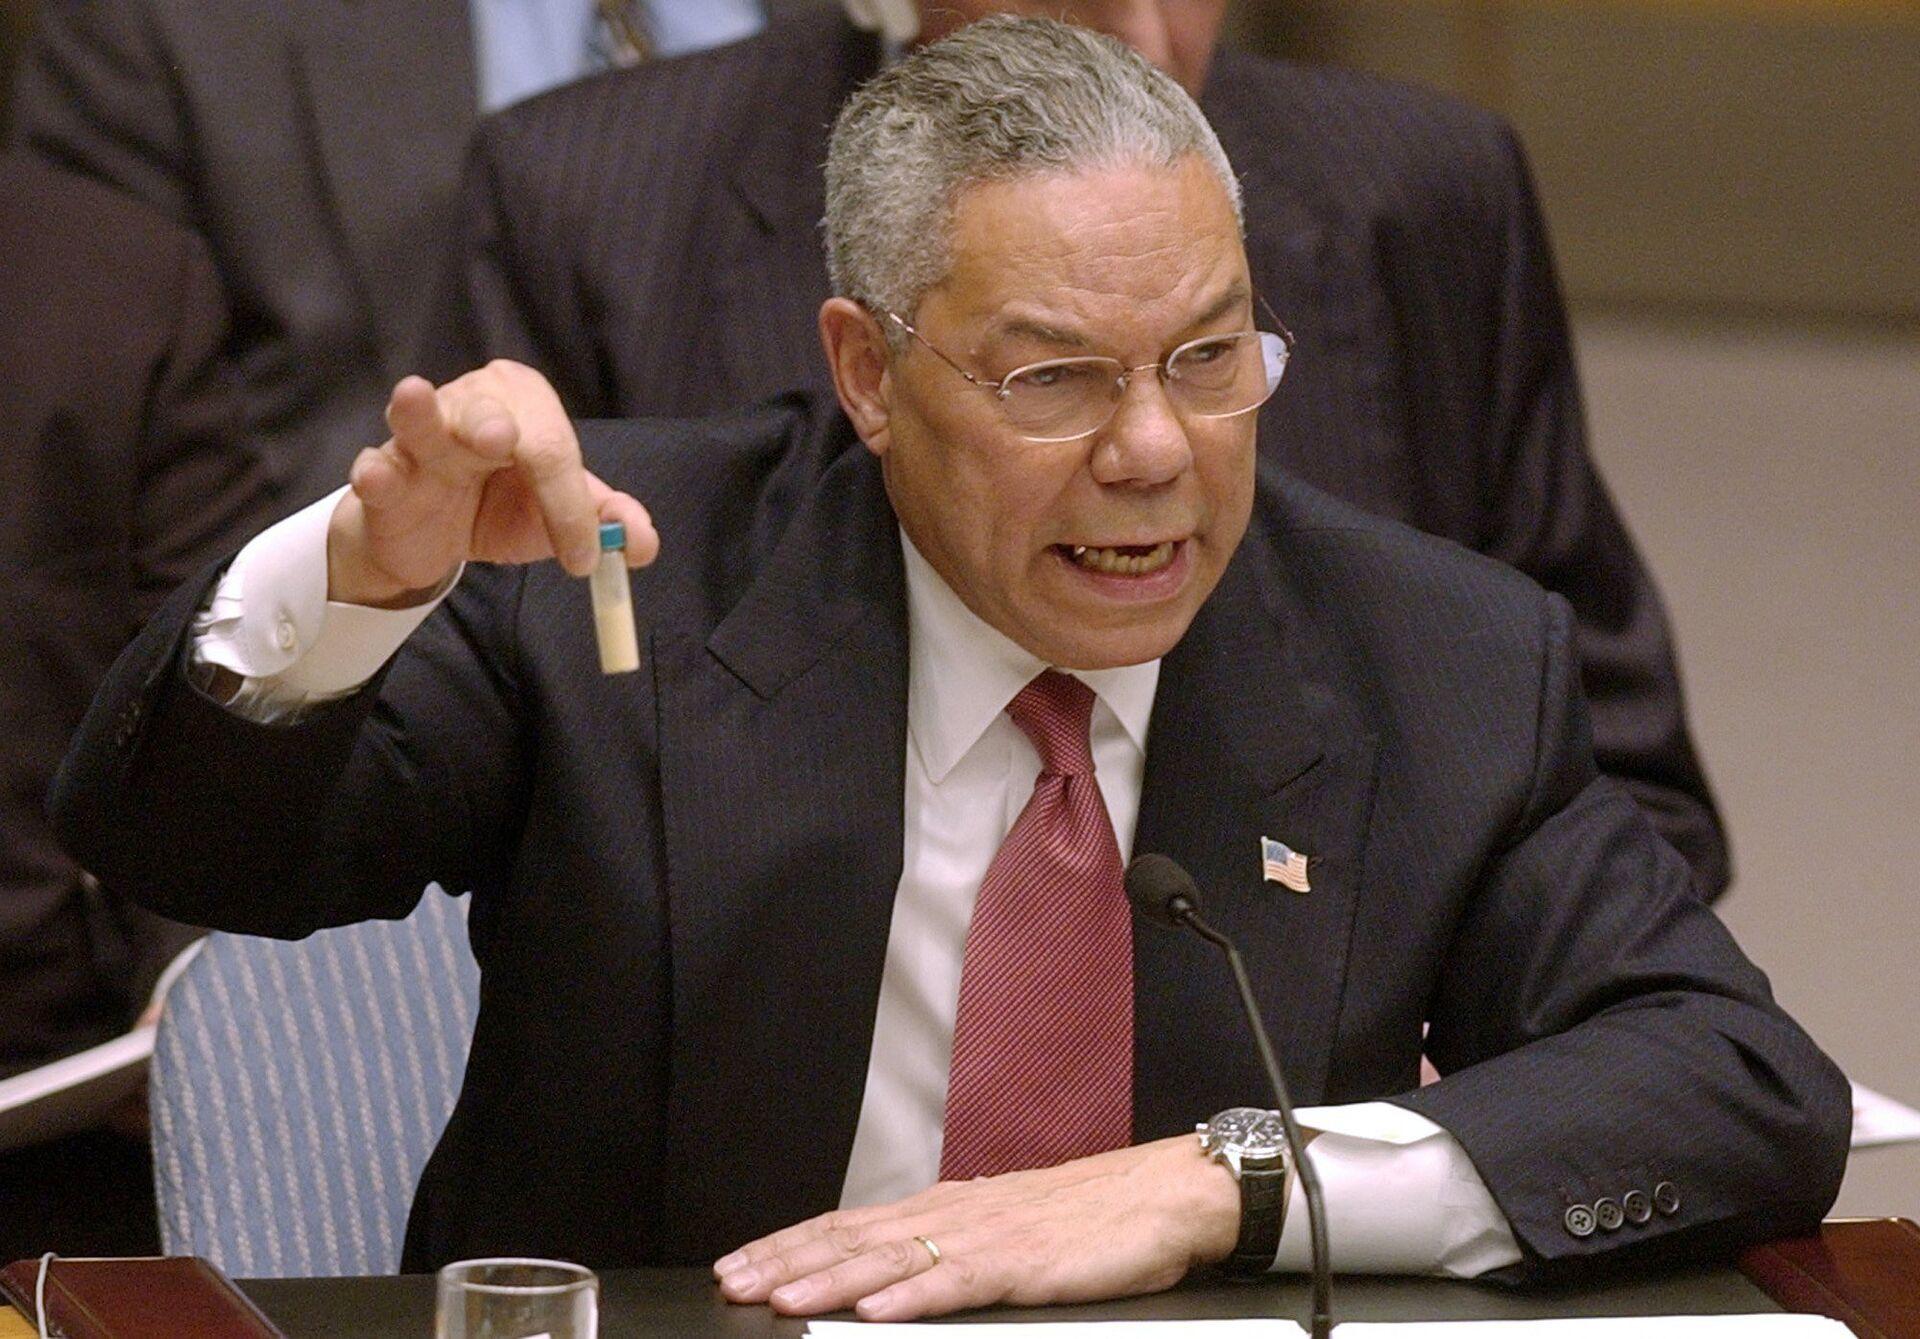 Умер бывший госсекретарь США Колин Пауэлл - РИА Новости, 18.10.2021